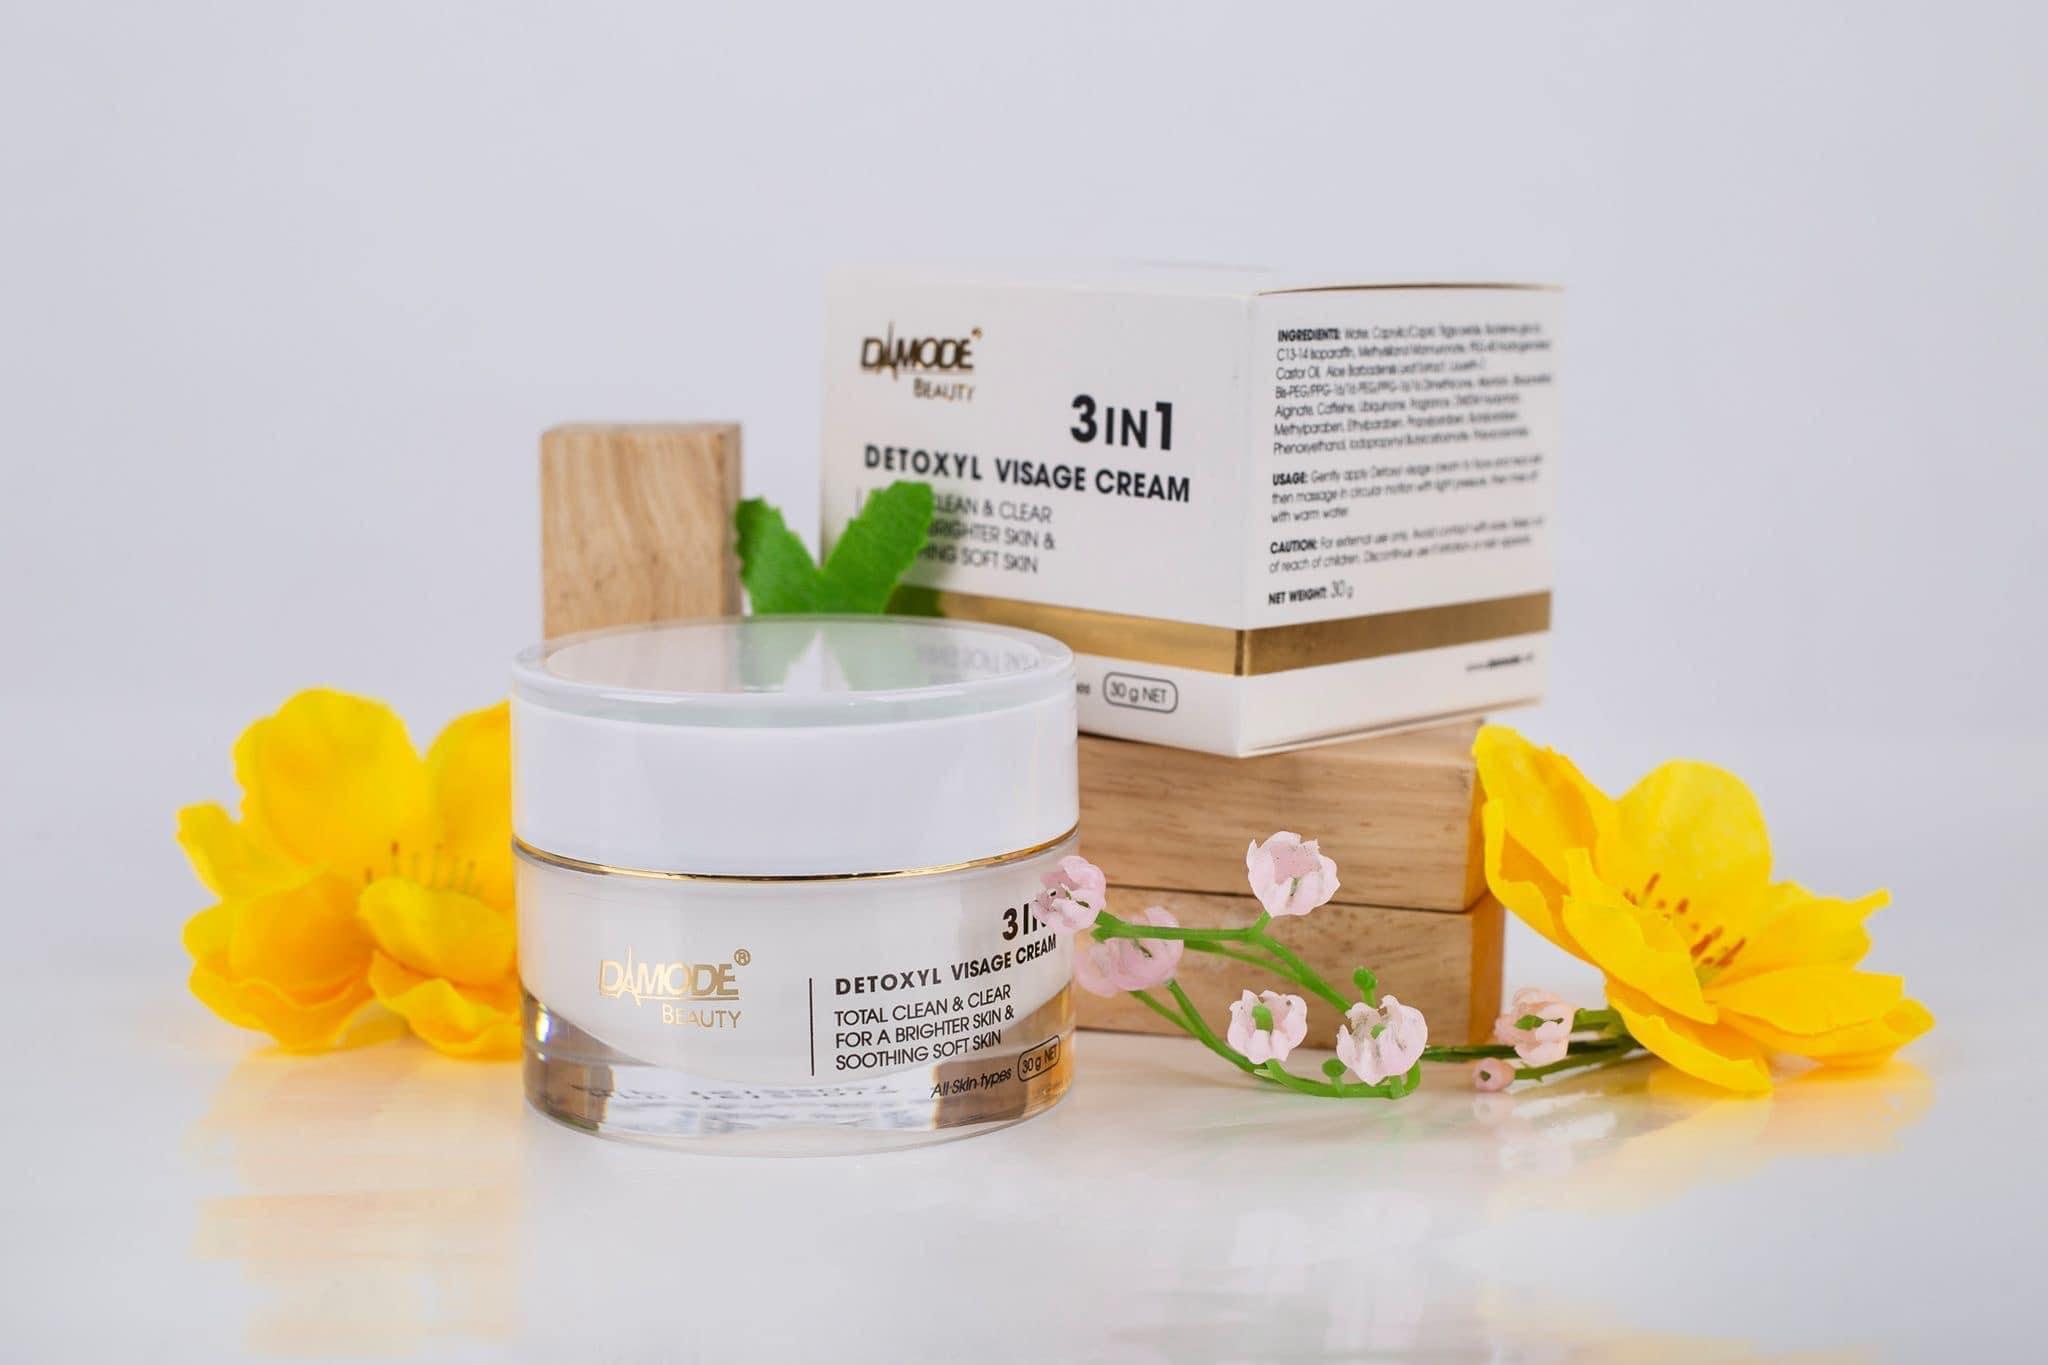 cream-3in1-detoxy-damode